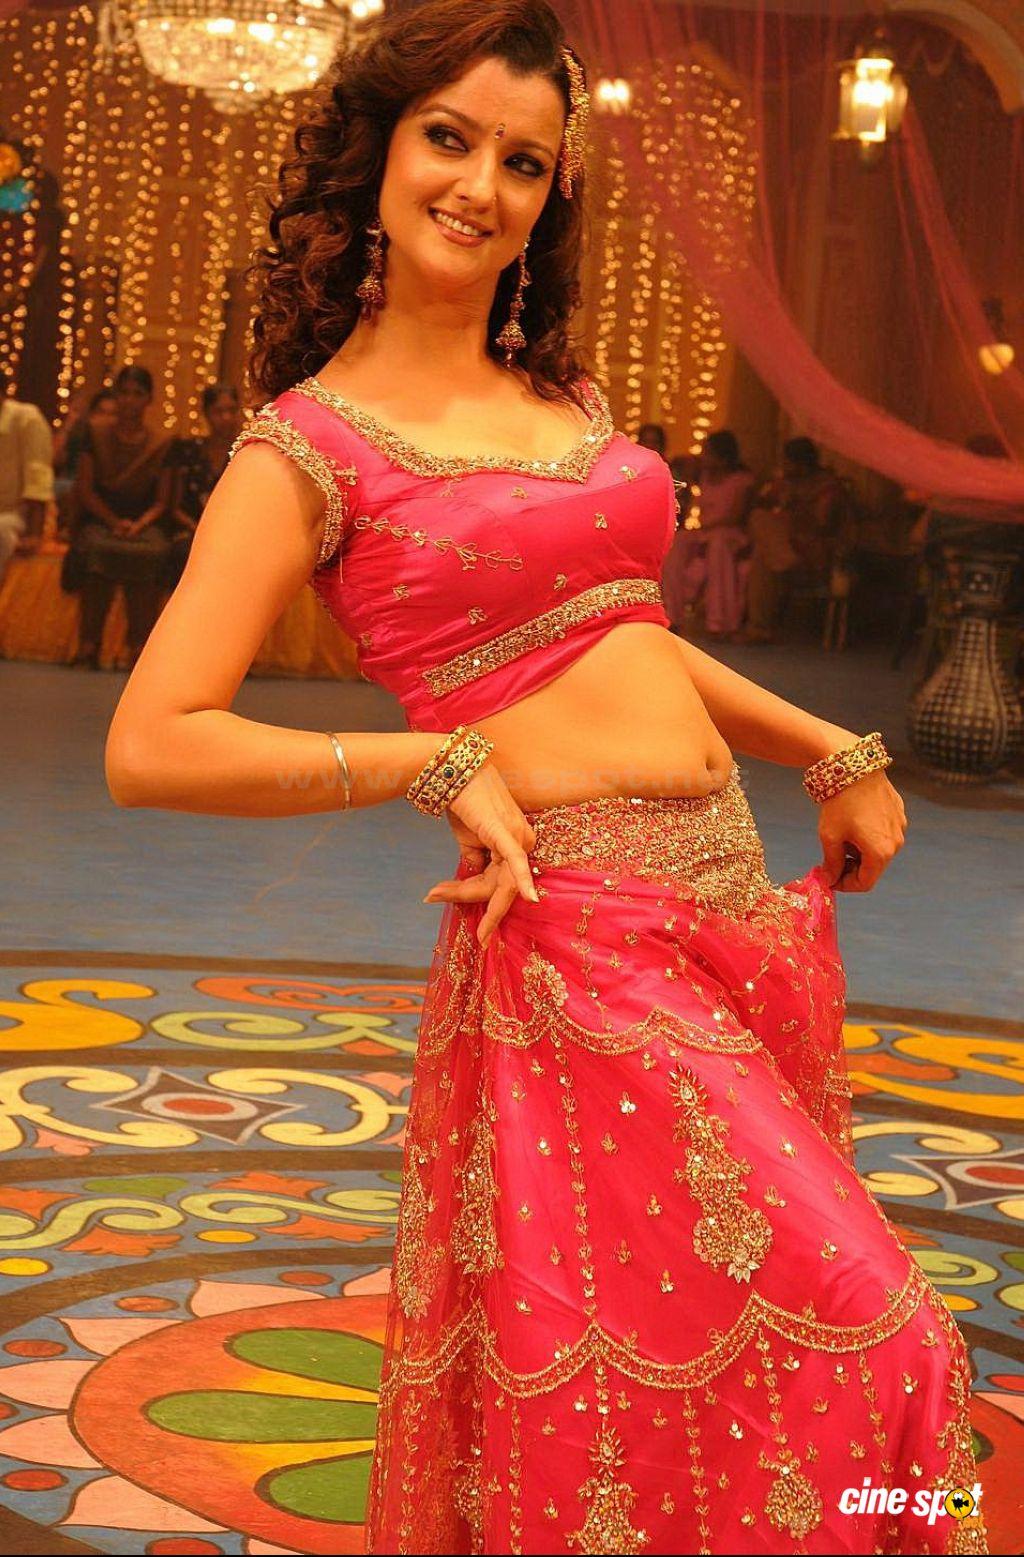 Kane Blog Picz Wallpaper Telugu Girls-5901